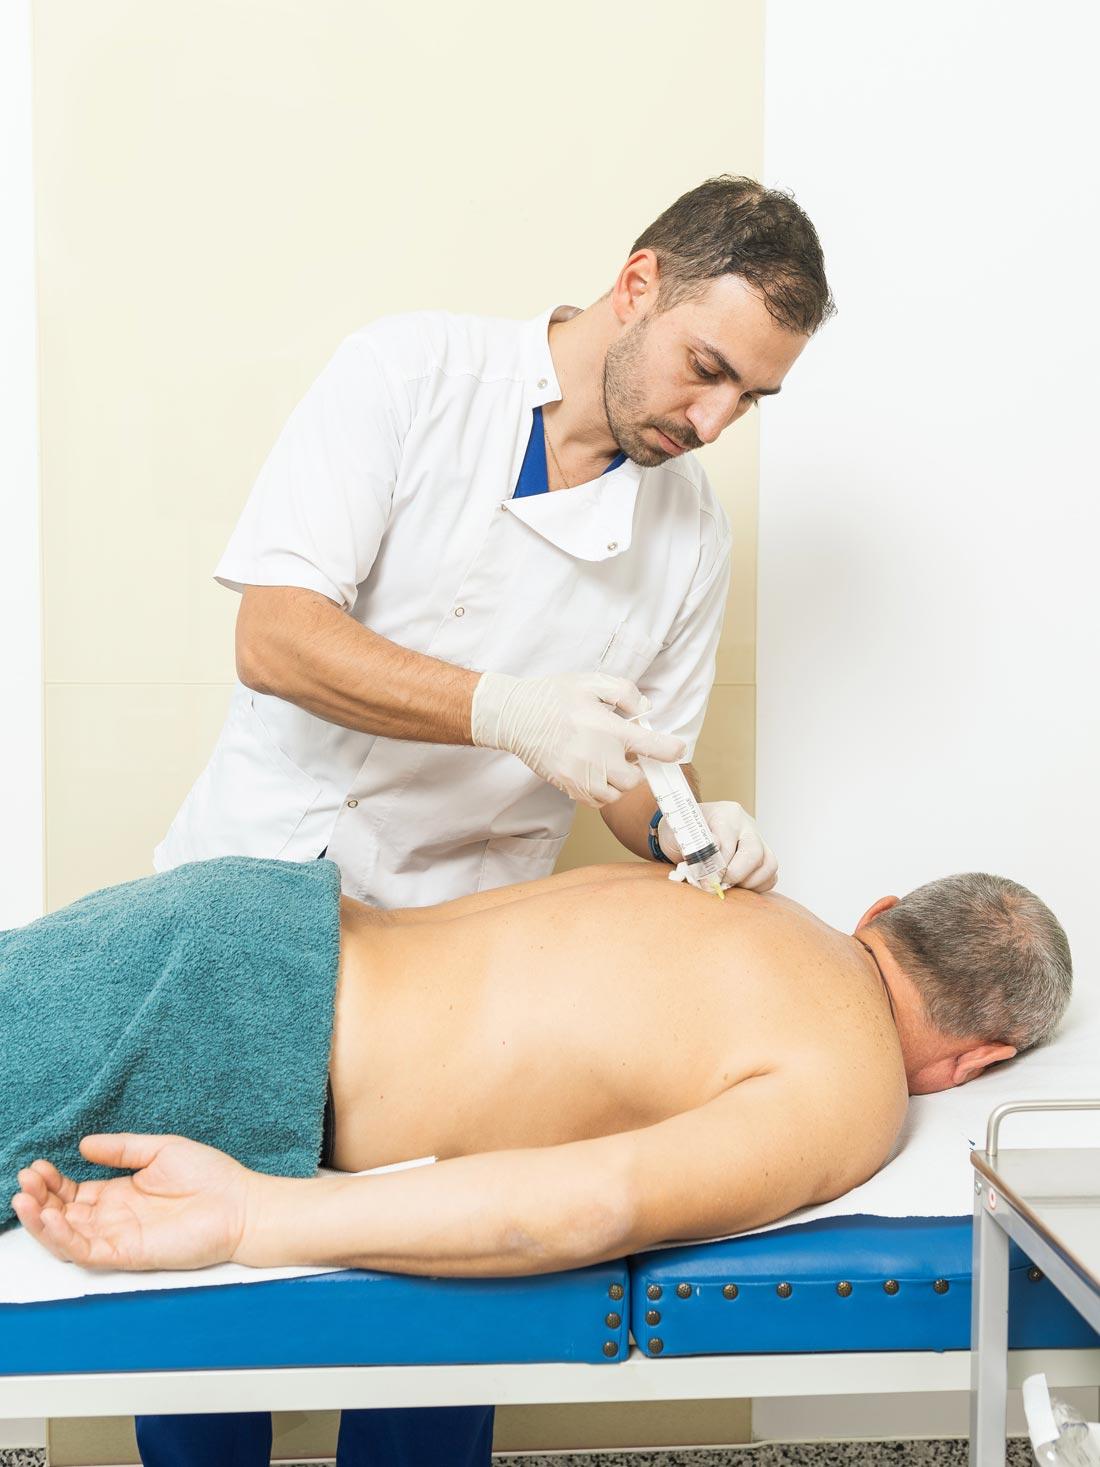 ozonoterapie în tratamentul articulațiilor)